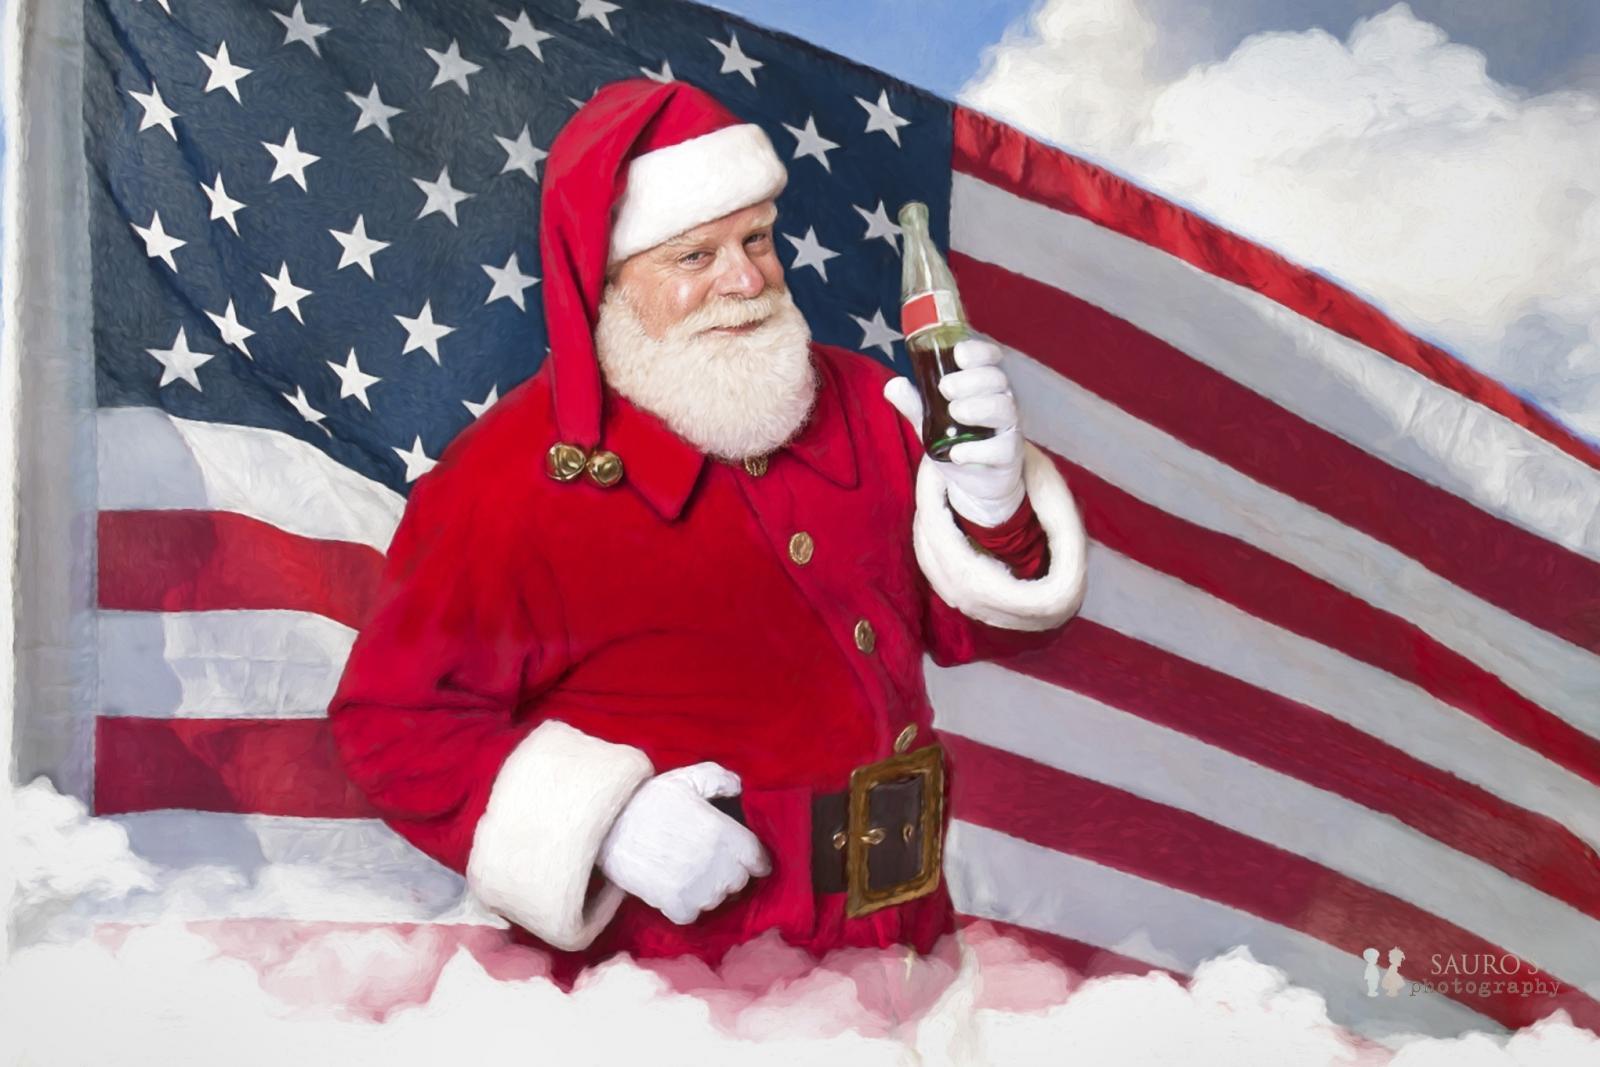 4th of july santa trever.jpg